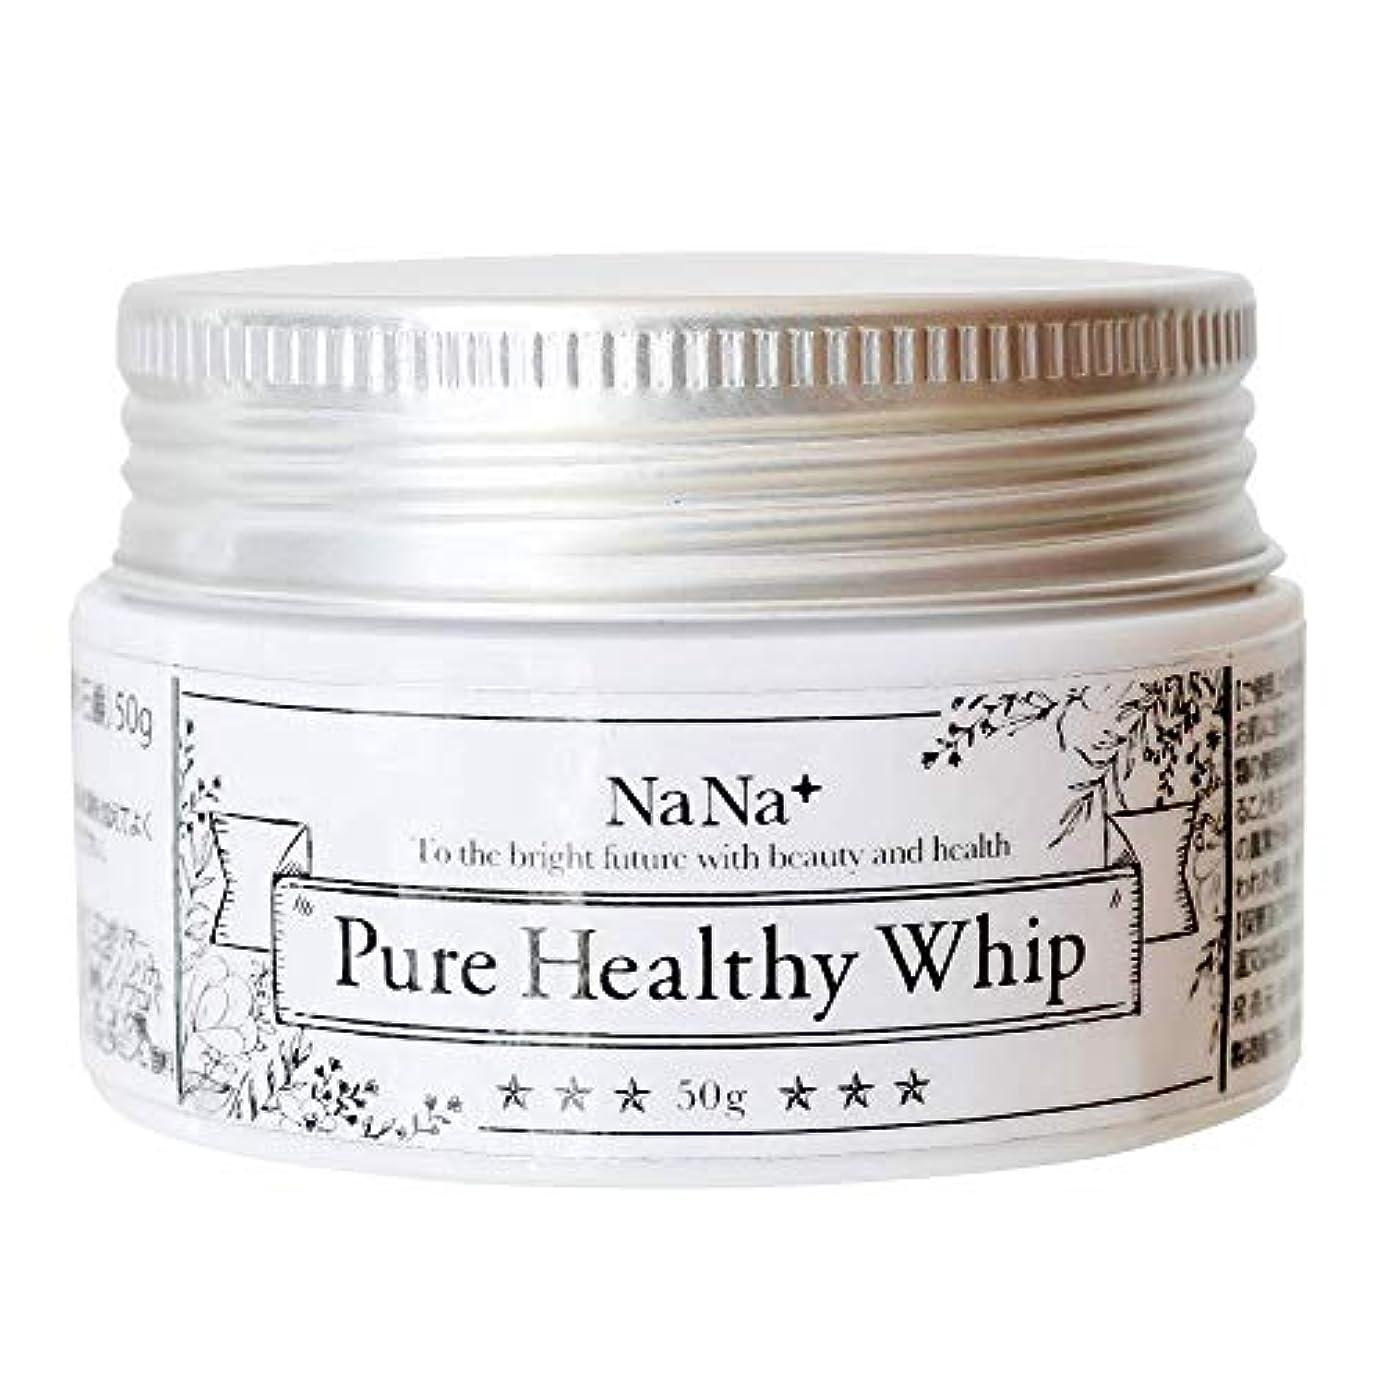 別にペインレジデンス洗顔 生せっけん 敏感肌 乾燥肌 の 毛穴 くすみ 黒ずみ ケア 肌に優しい無添加  nana+ピュアヘルシーホイップ